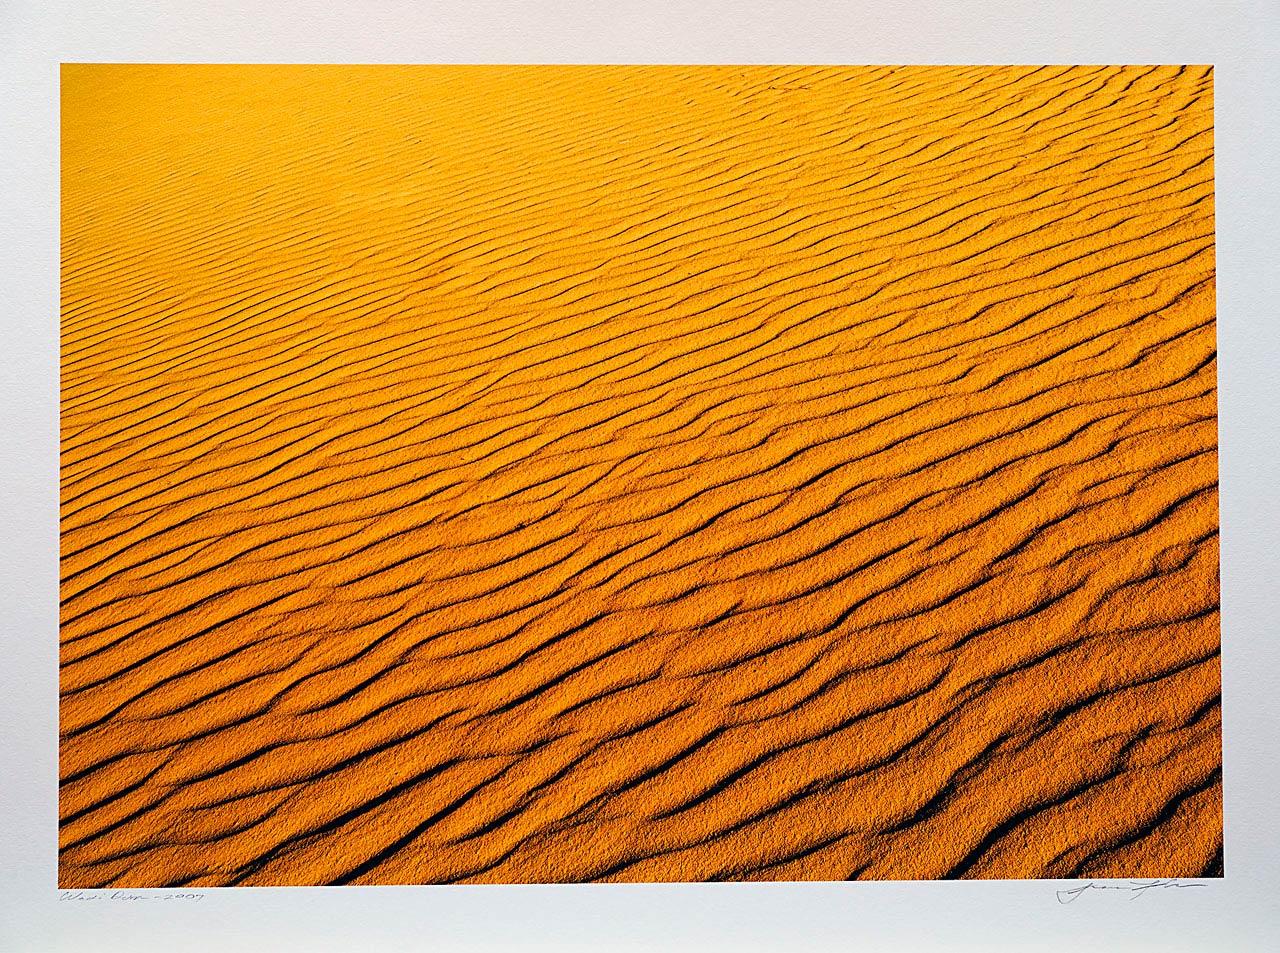 print-Jordan-wadi-rum